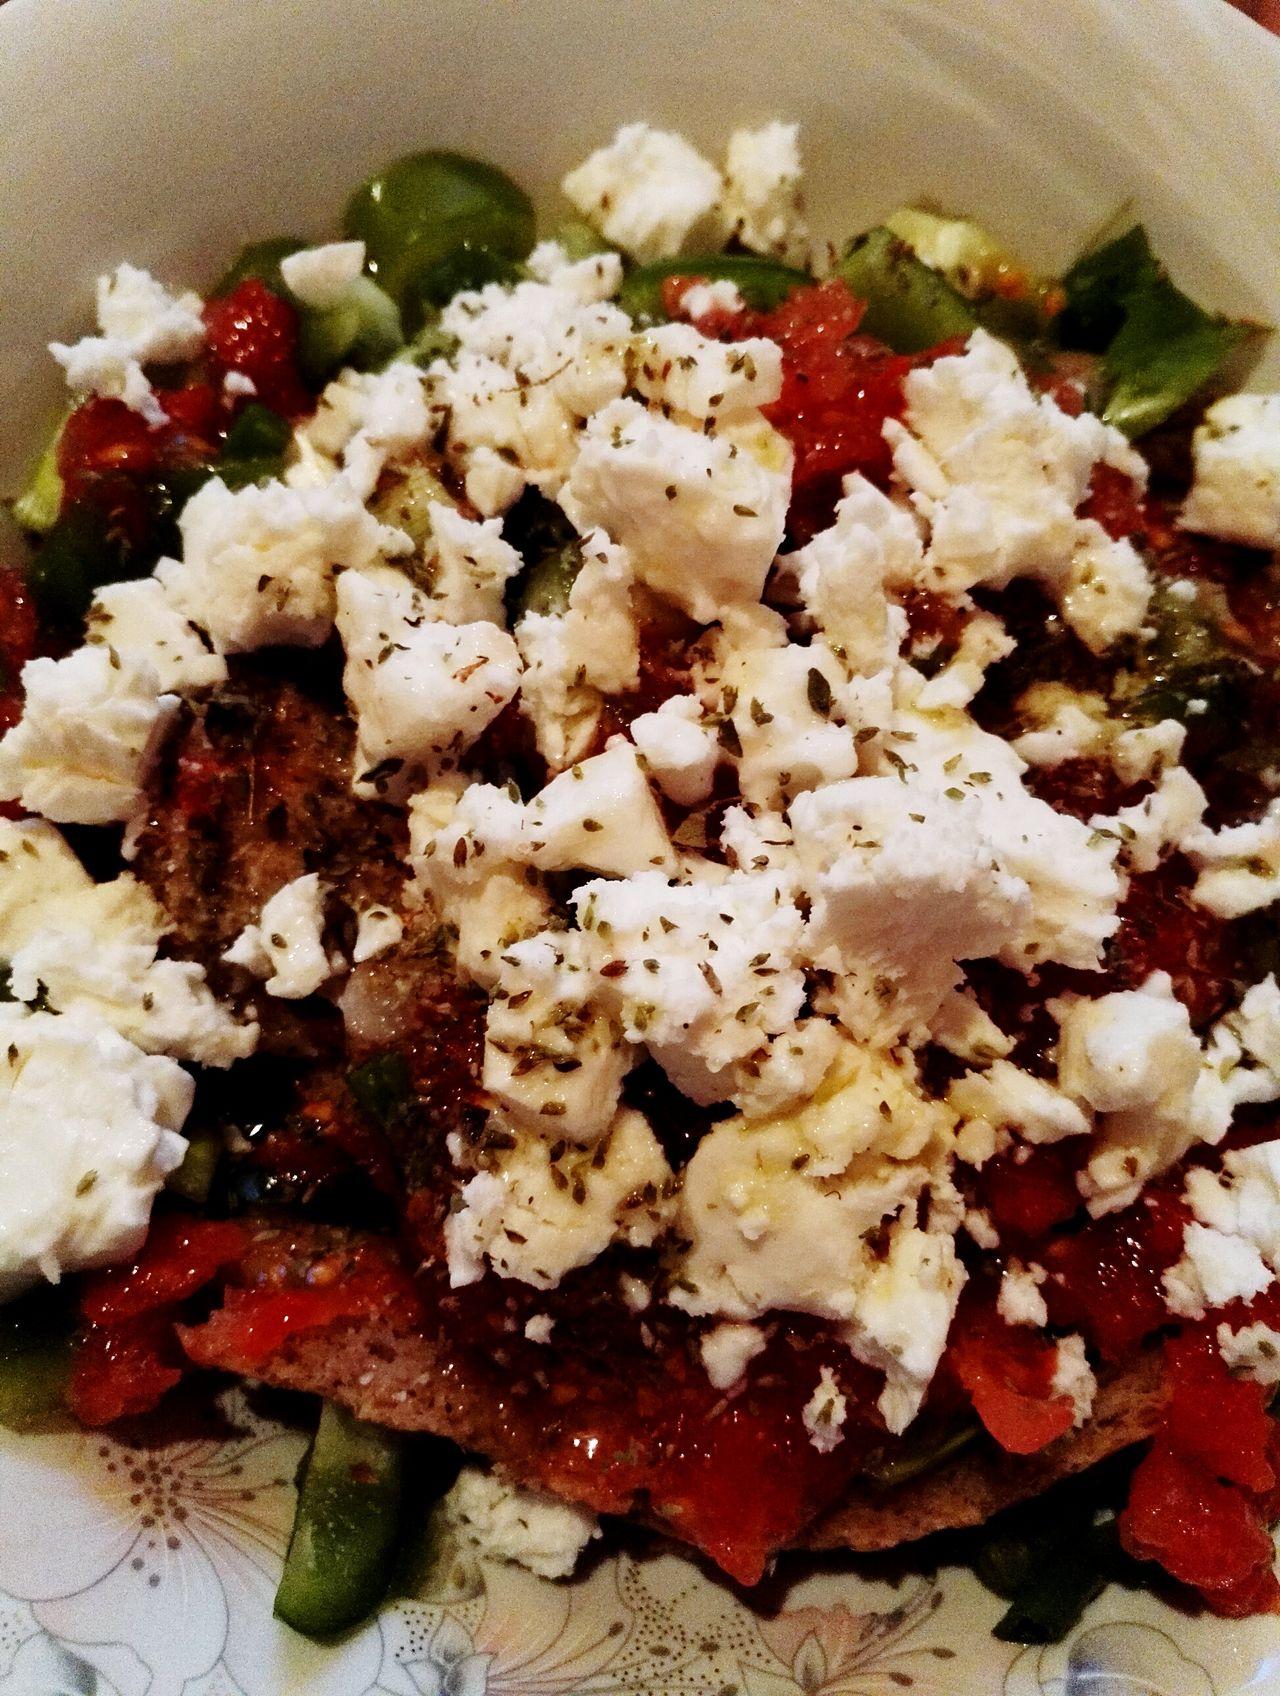 Summer Summer Food Lite Food Tomatoes Peppers Feta Cheese Greek Food Summer 2016 Cold Beer Good Food Pure Ingredients